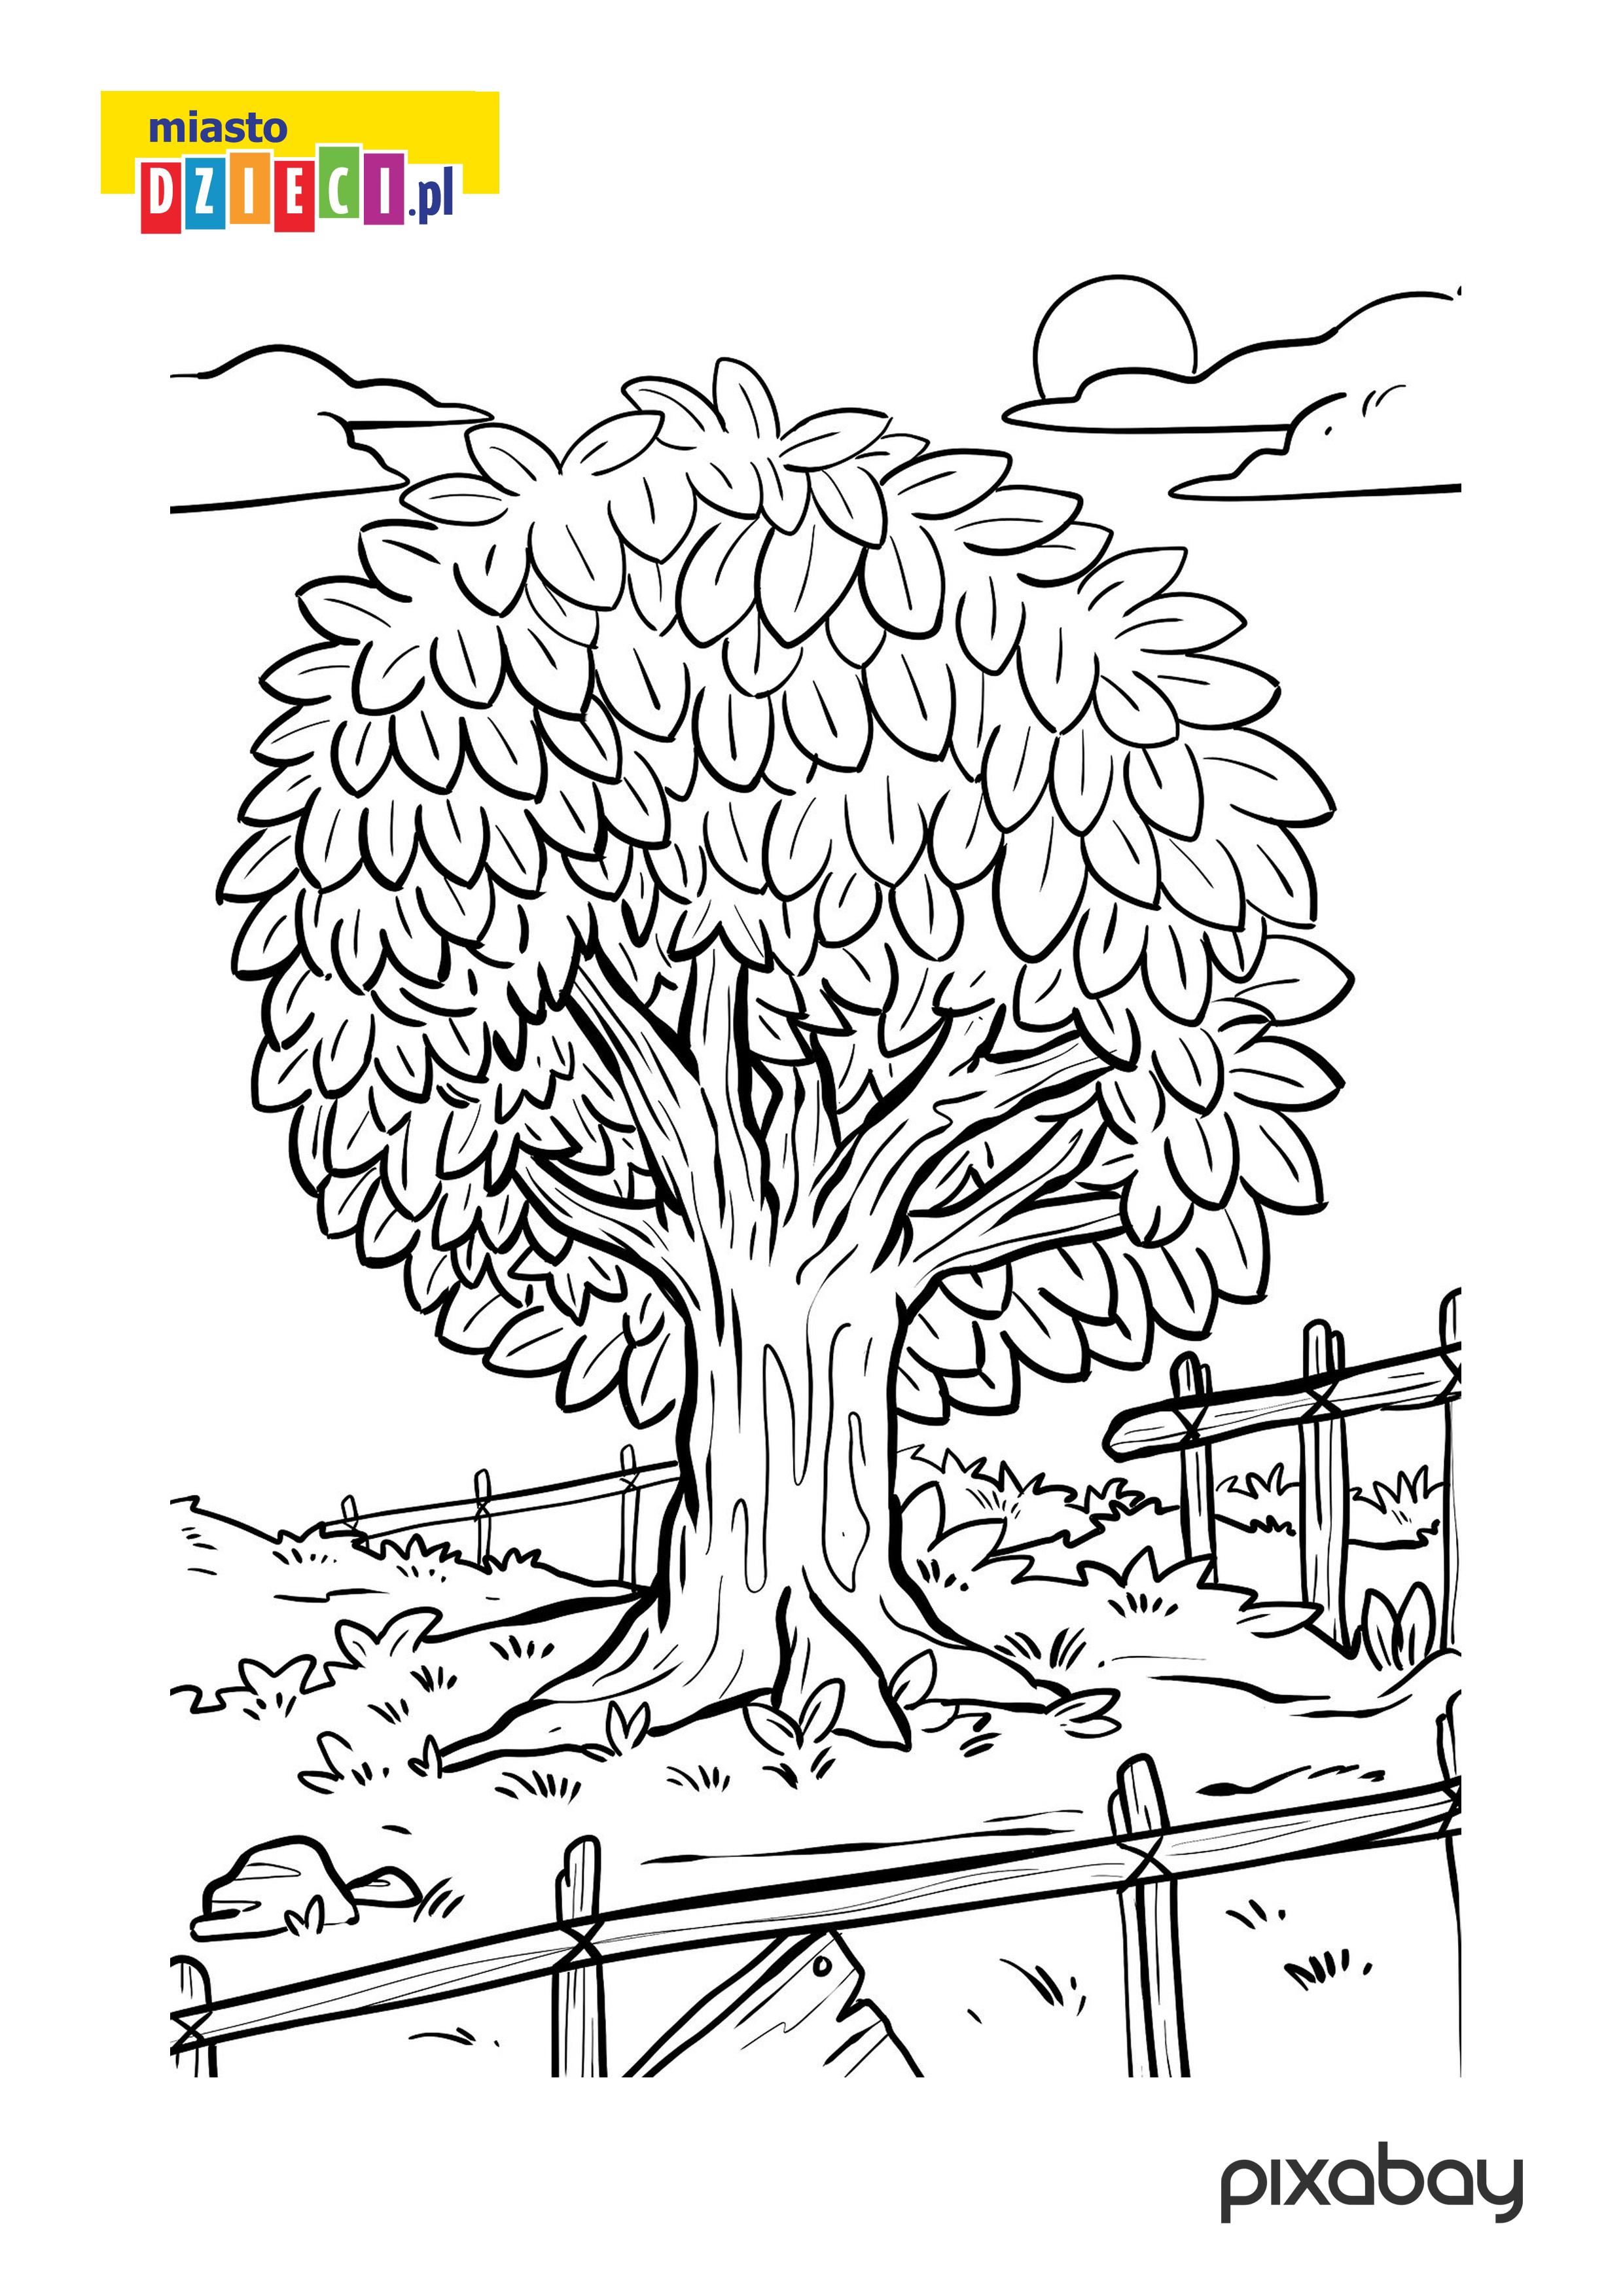 wielkie drzewo - kolorowanka do pobrania